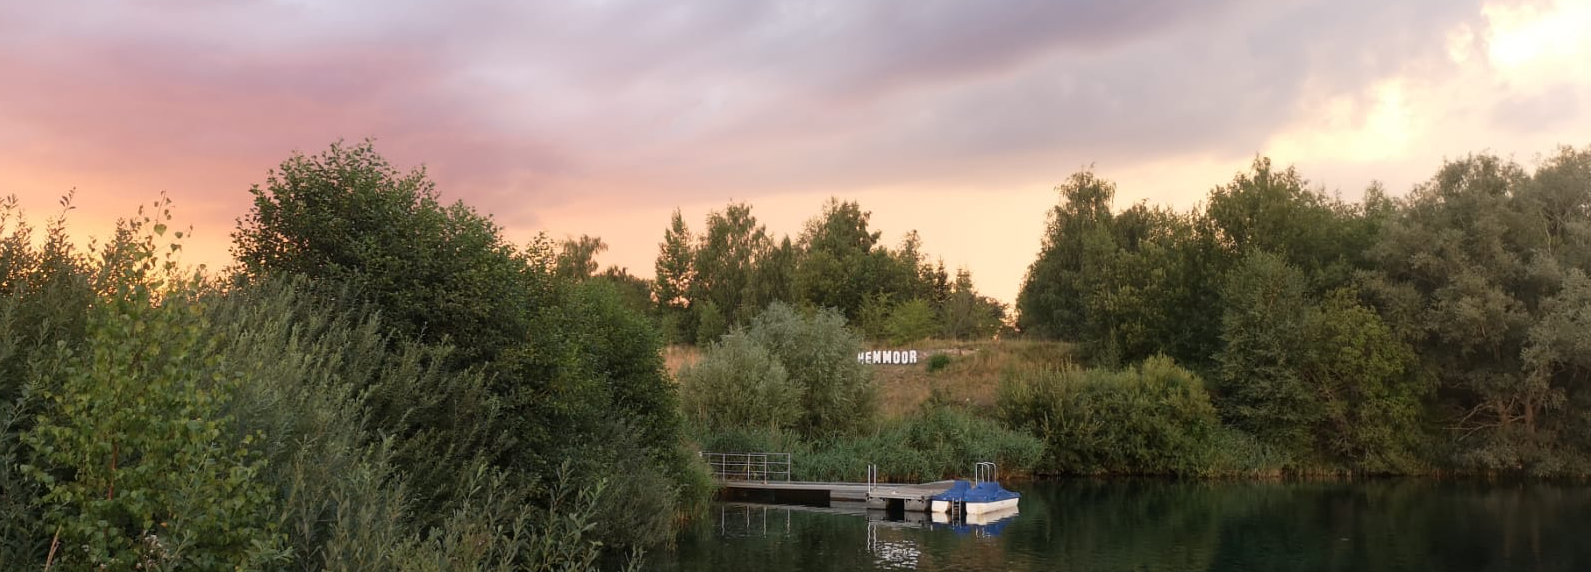 Sommer-WE in Hemmoor und Umgebung